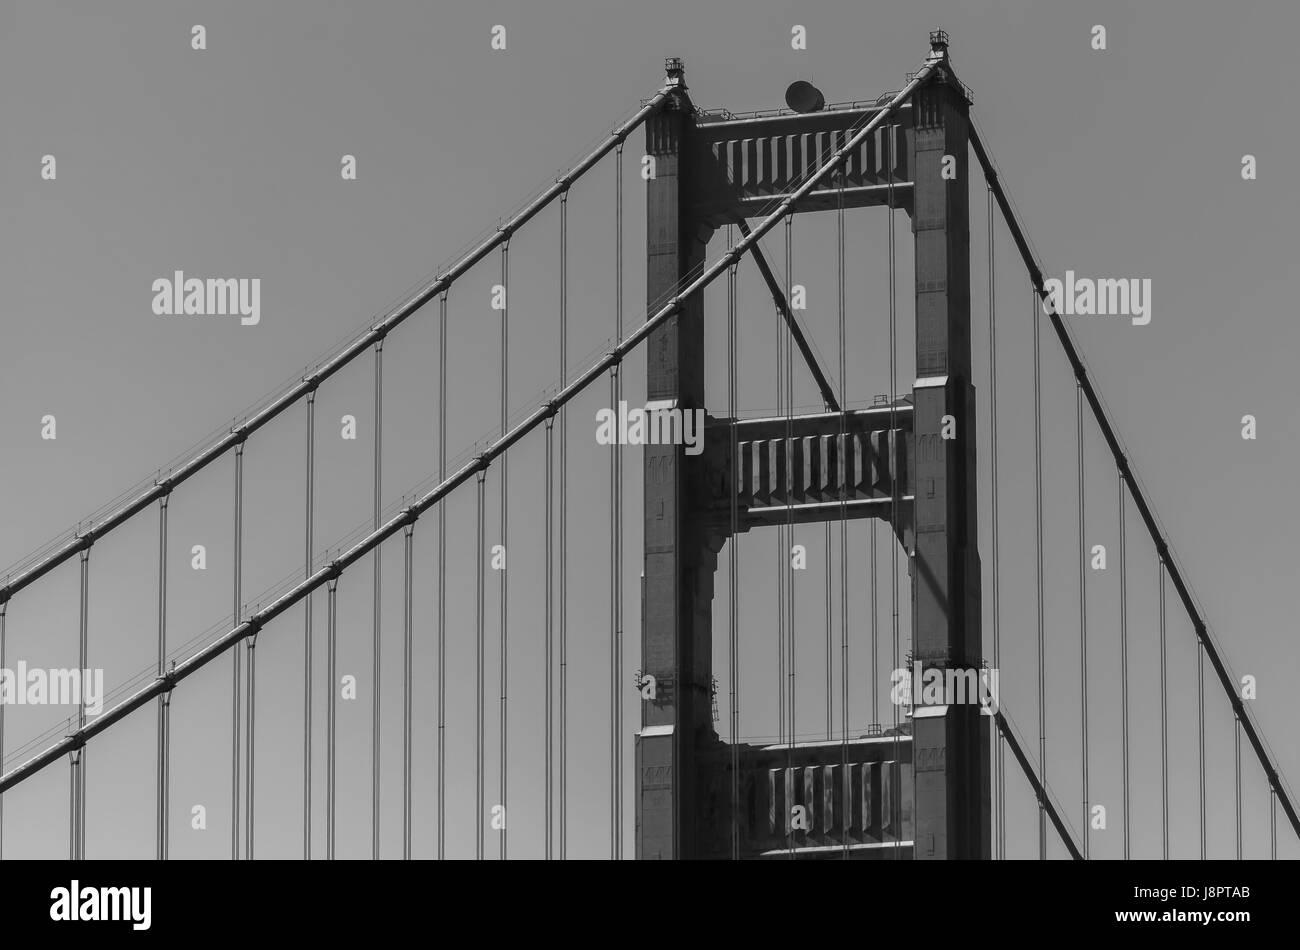 Un primer plano en las estructuras del famoso puente Golden Gate en san Francisco, EE.UU. Imagen De Stock